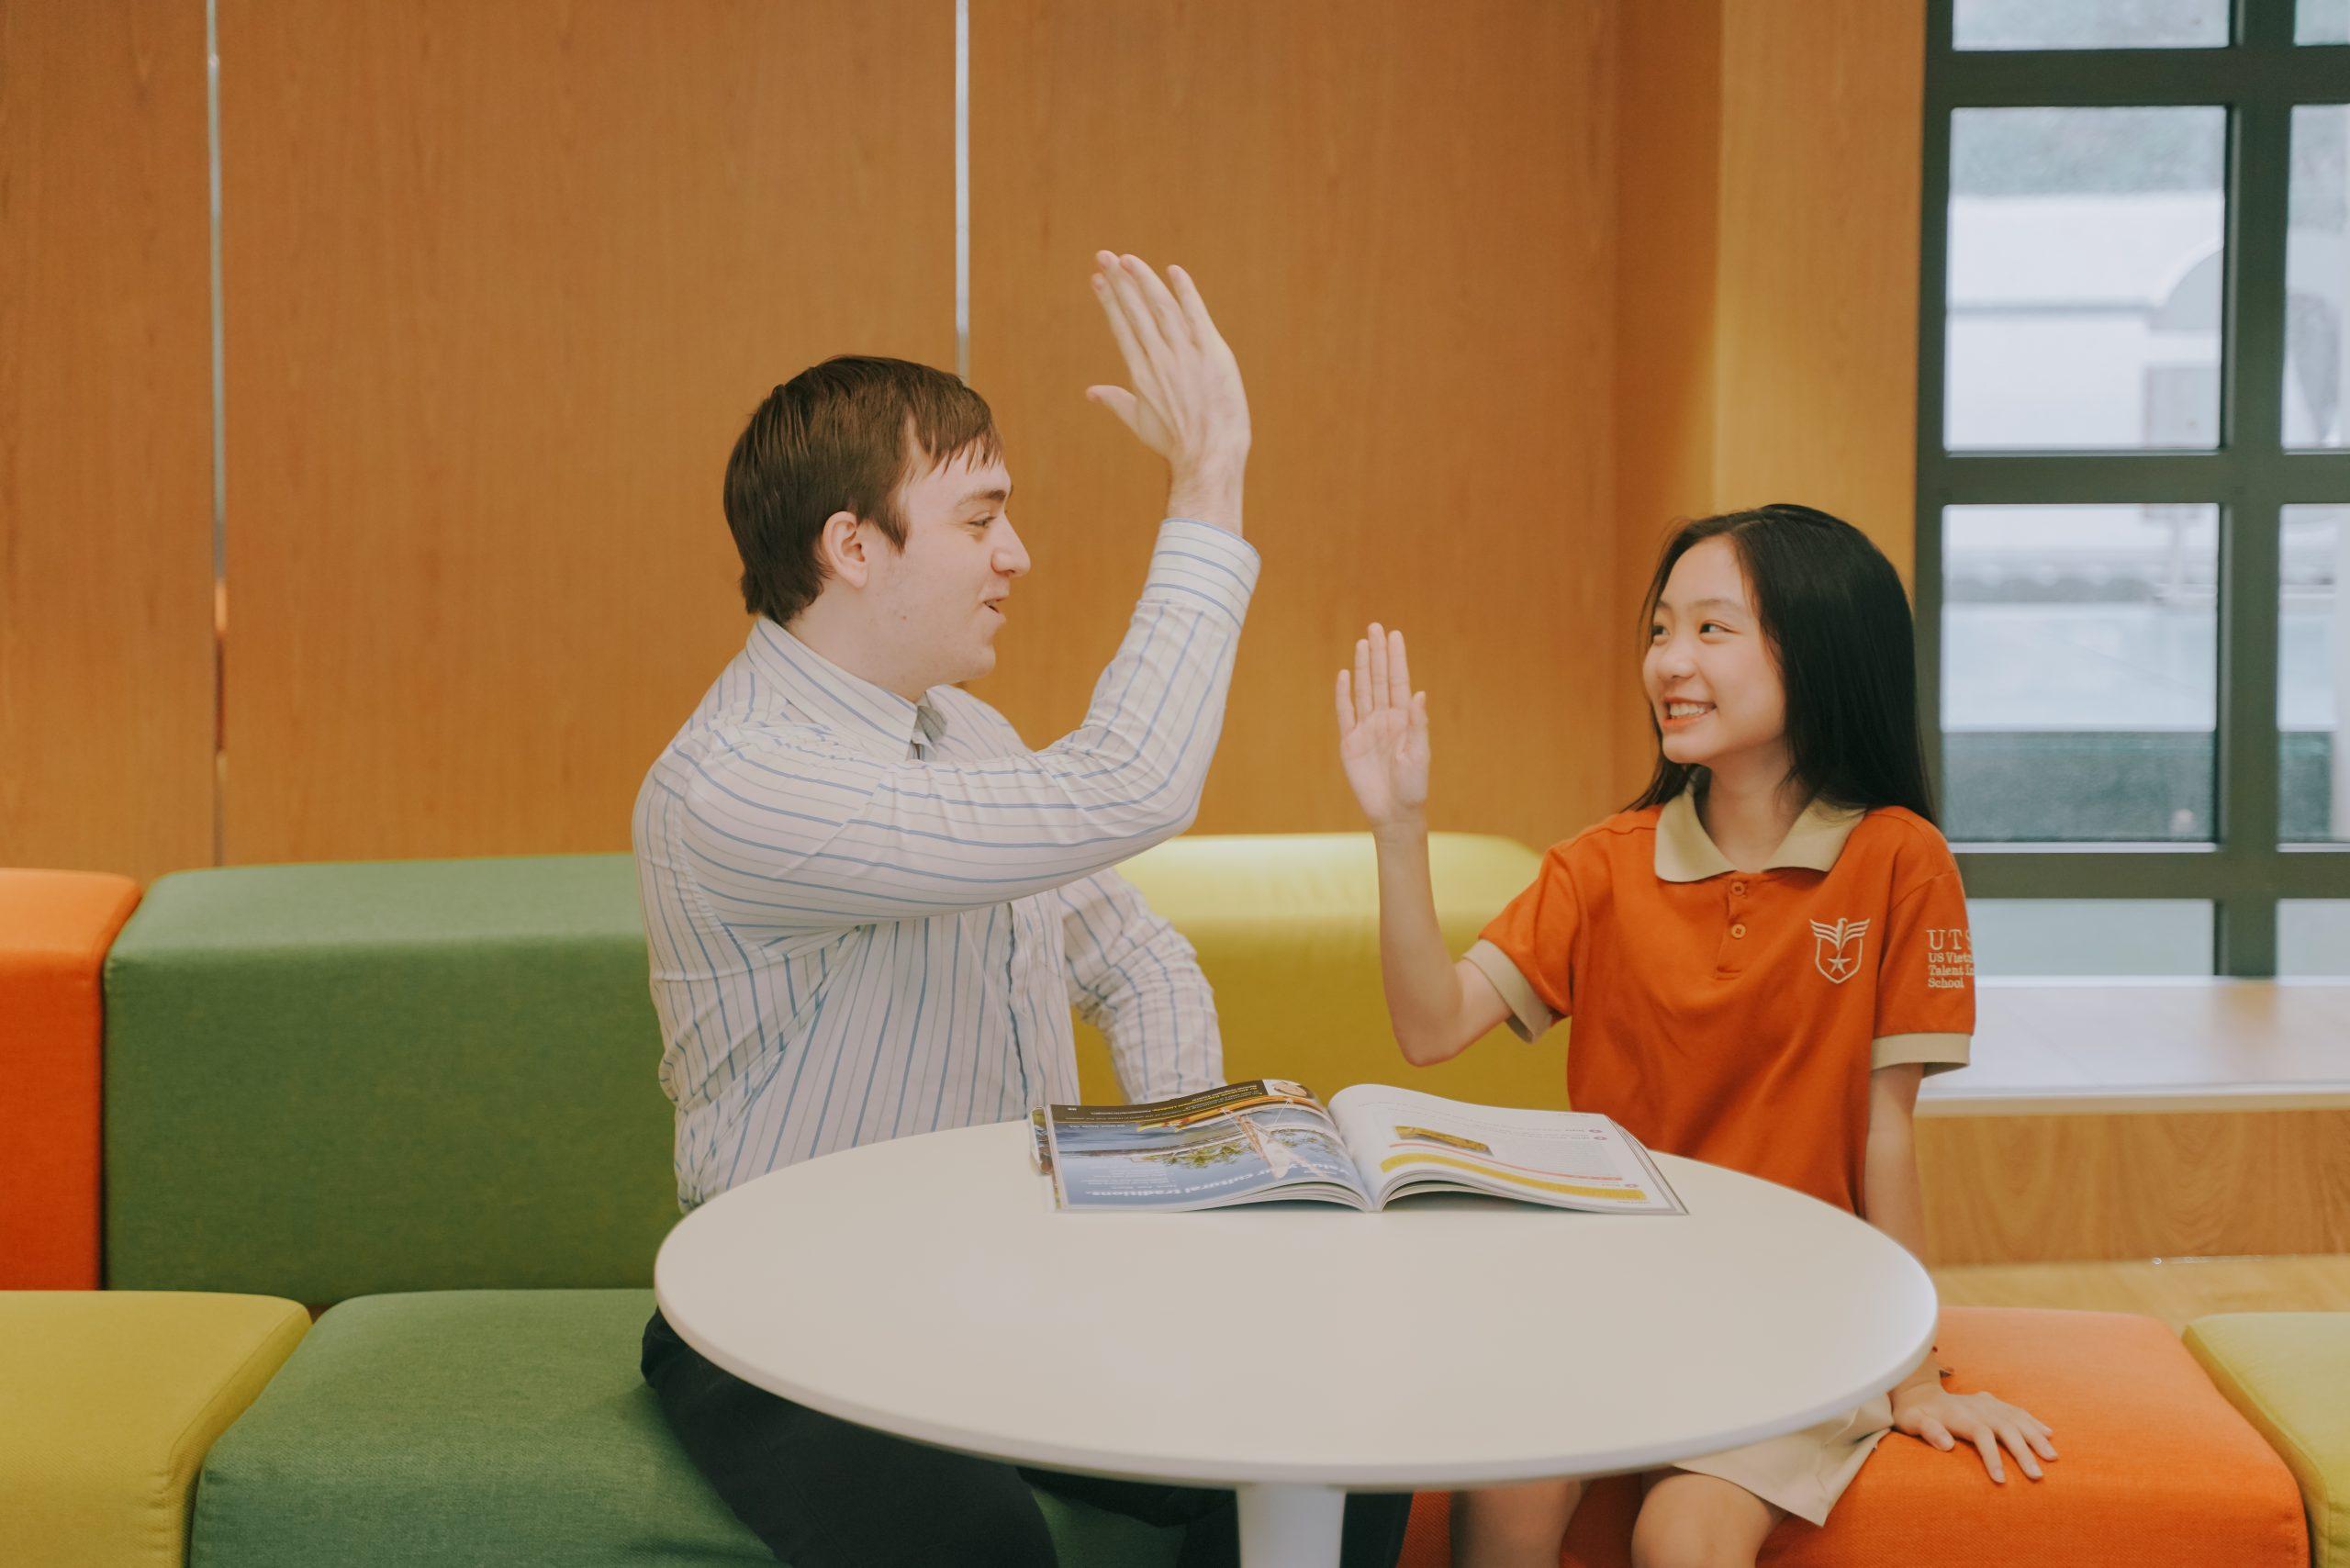 Hoạt động phát triển kỹ năng ngôn ngữ và định hình thói quen học tập